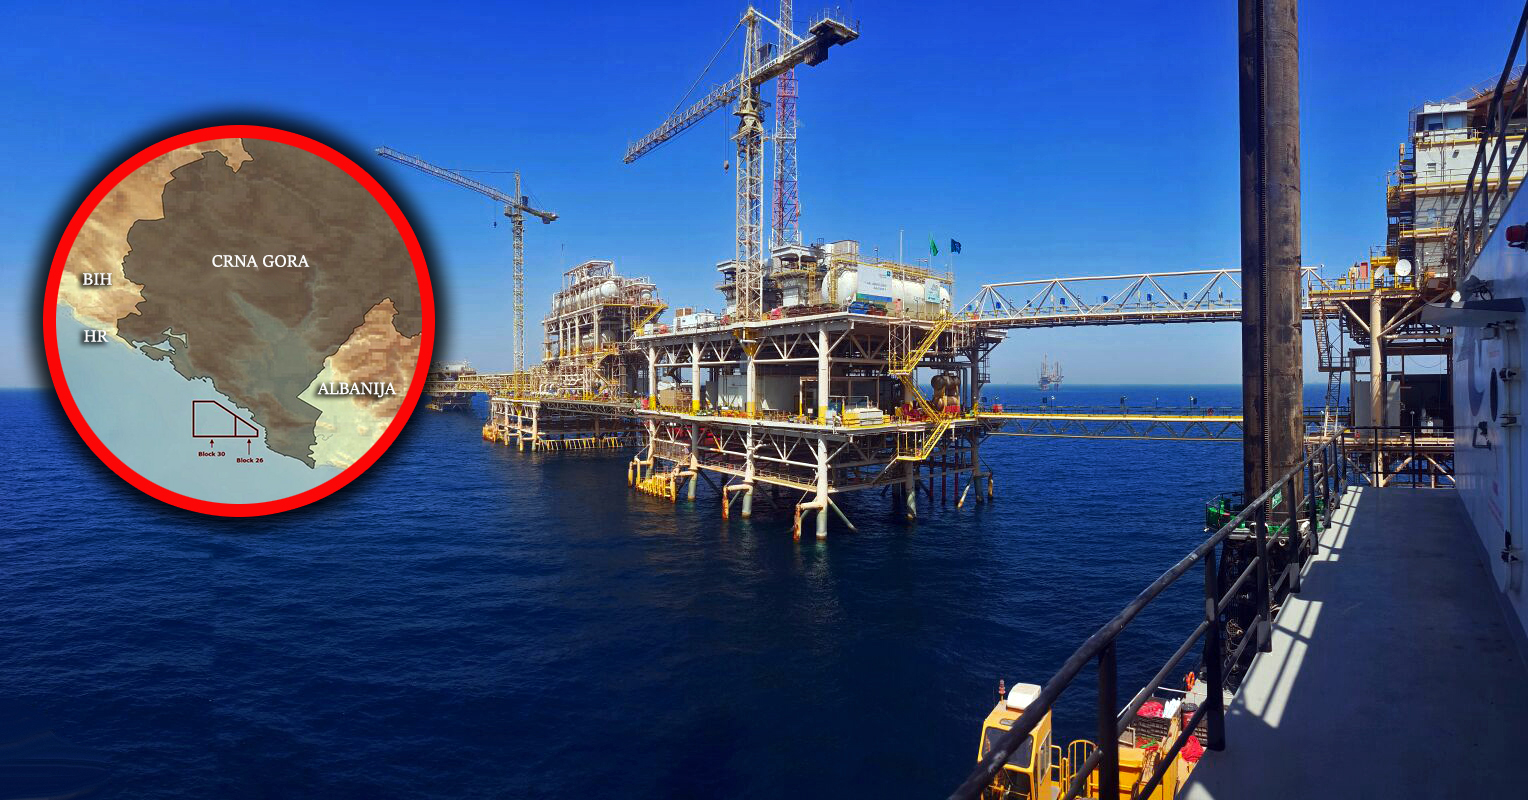 Μαυροβούνιο: «Πράσινο φως» στις έρευνες για πετρέλαιο και αέριο